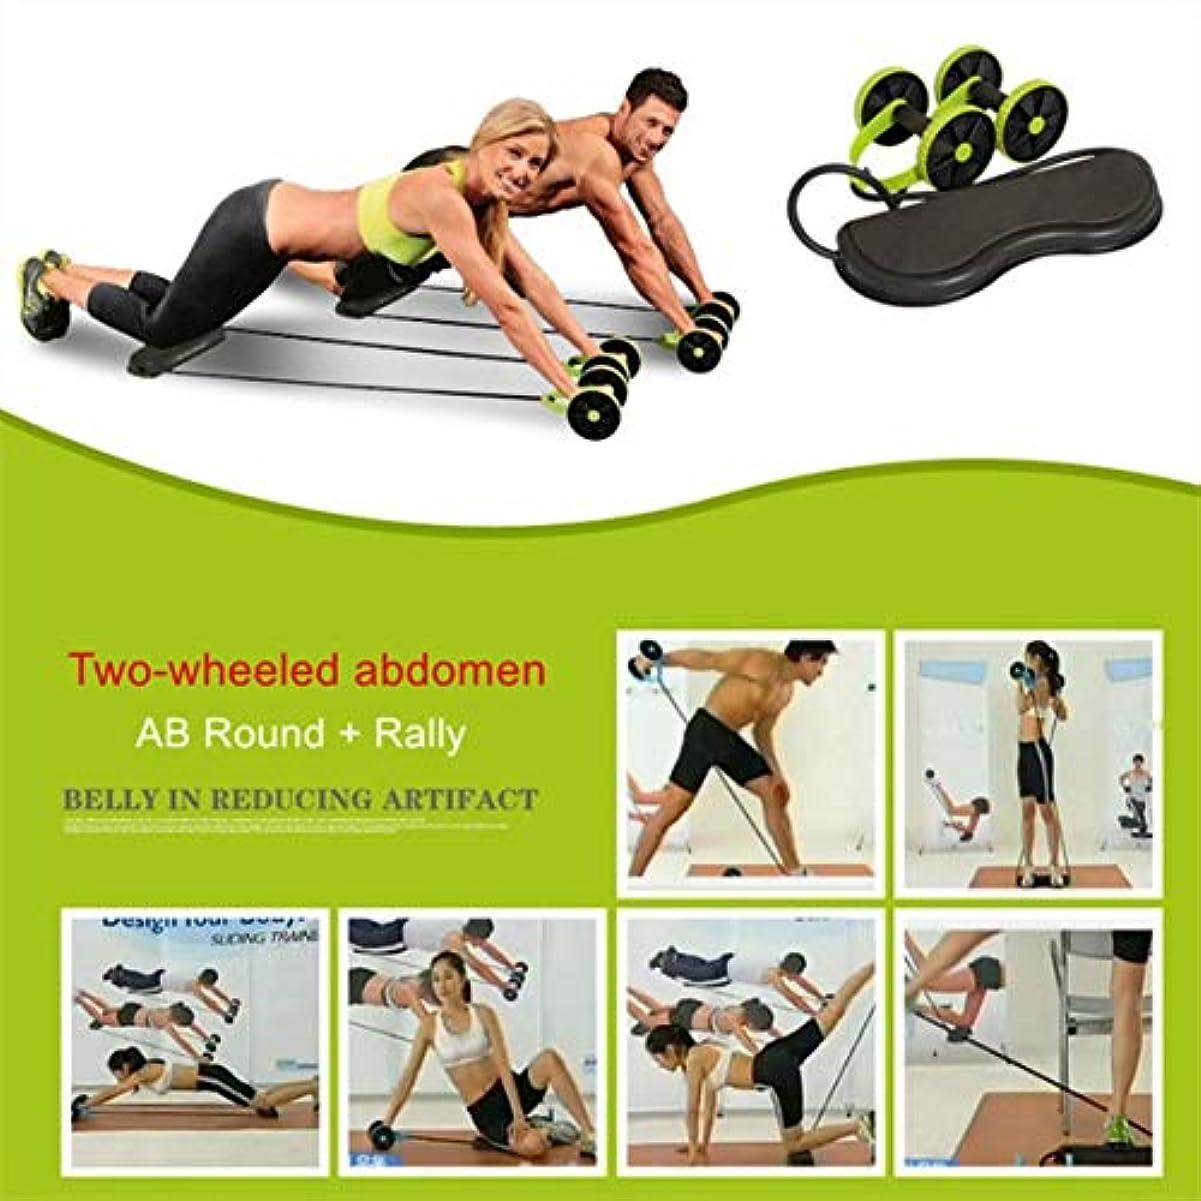 ダイエット化学者事実上JS-04多機能腹輪腹筋輪腹輪テンションロープ筋肉トレーニングマシン(グリーン&ブラック)